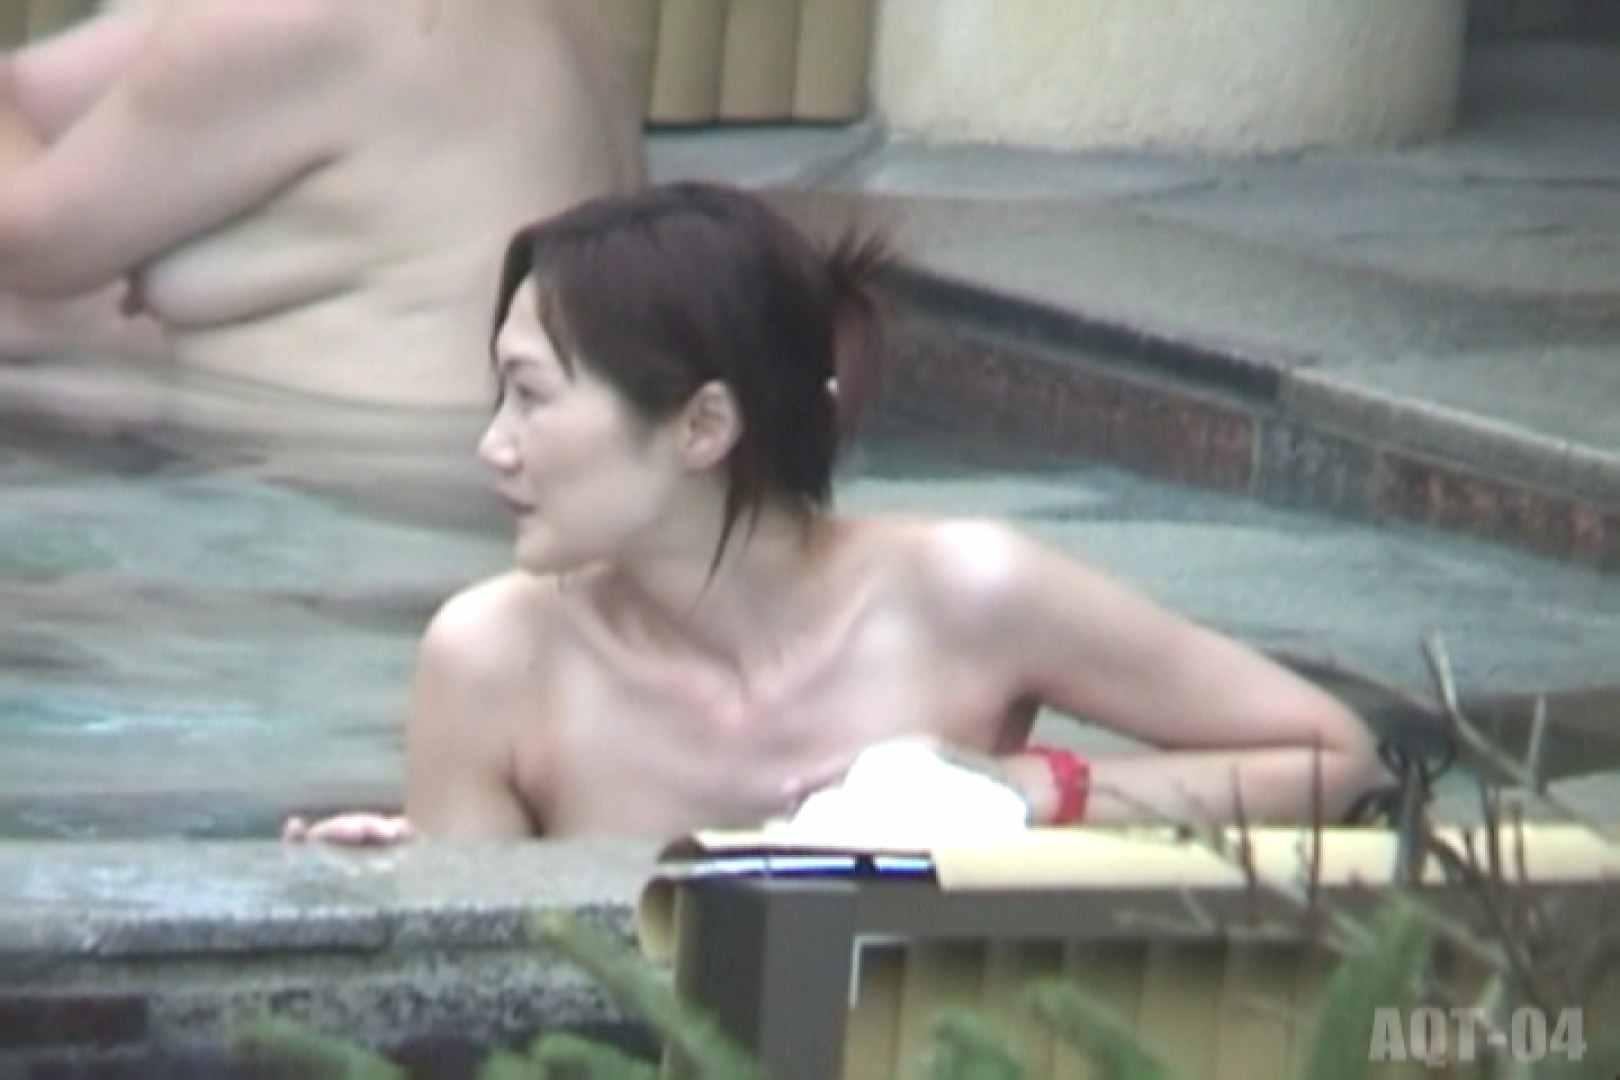 Aquaな露天風呂Vol.739 美しいOLの裸体 隠し撮りオマンコ動画紹介 88pic 80